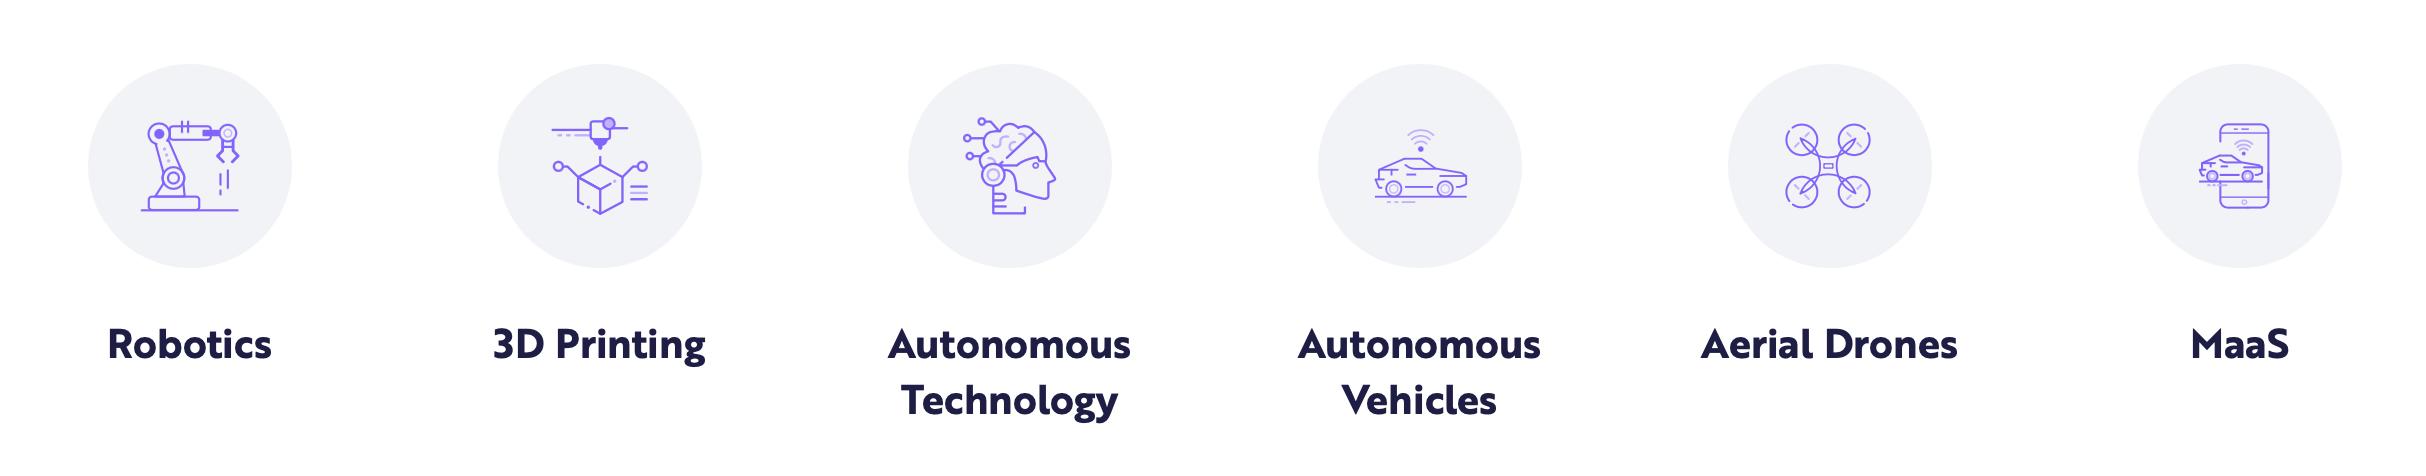 รีวิวกองทุน TMB-ES-AUTOMATION: เมื่อระบบอัตโนมัติและหุ่นยนต์กำลังจะเปลี่ยนแปลงโลก